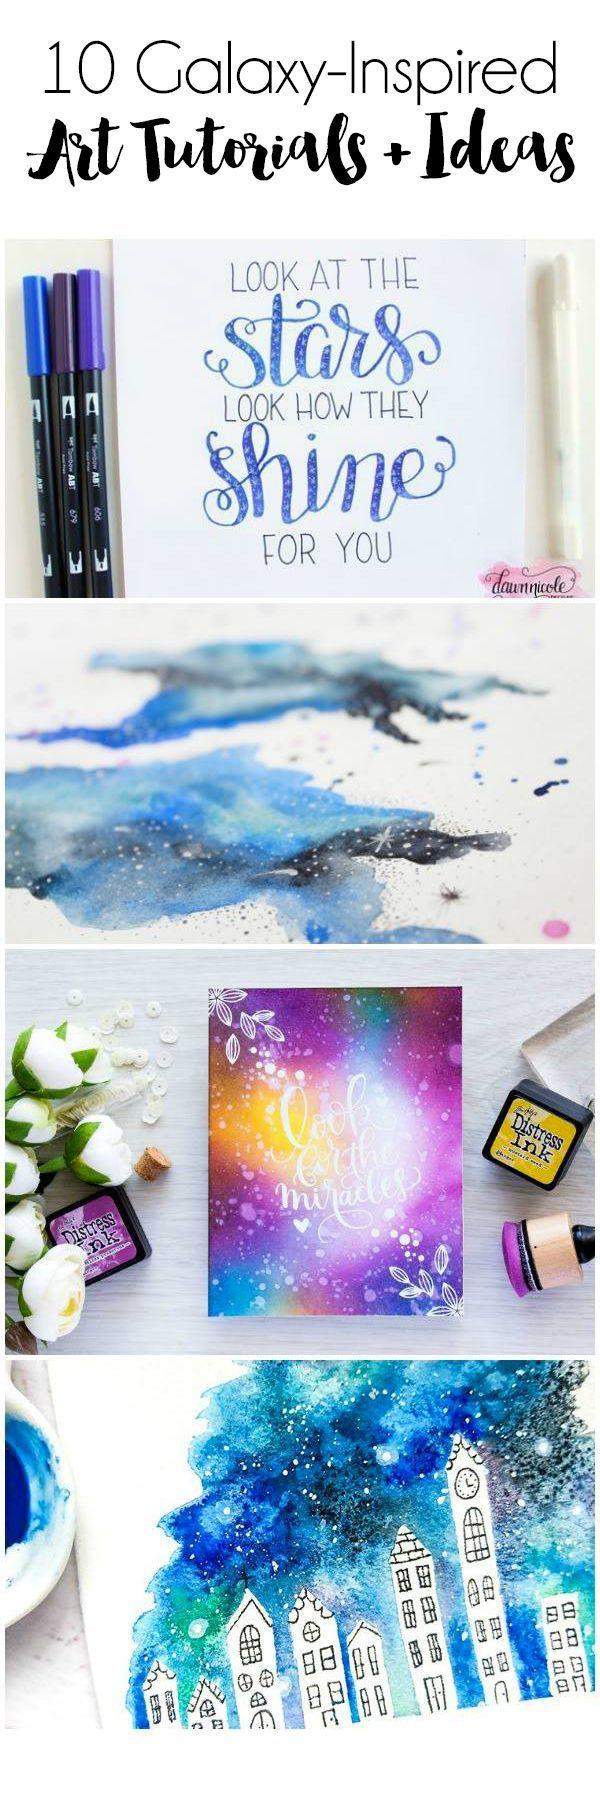 10 Galaxy-Inspired Art Tutorials + Ideas